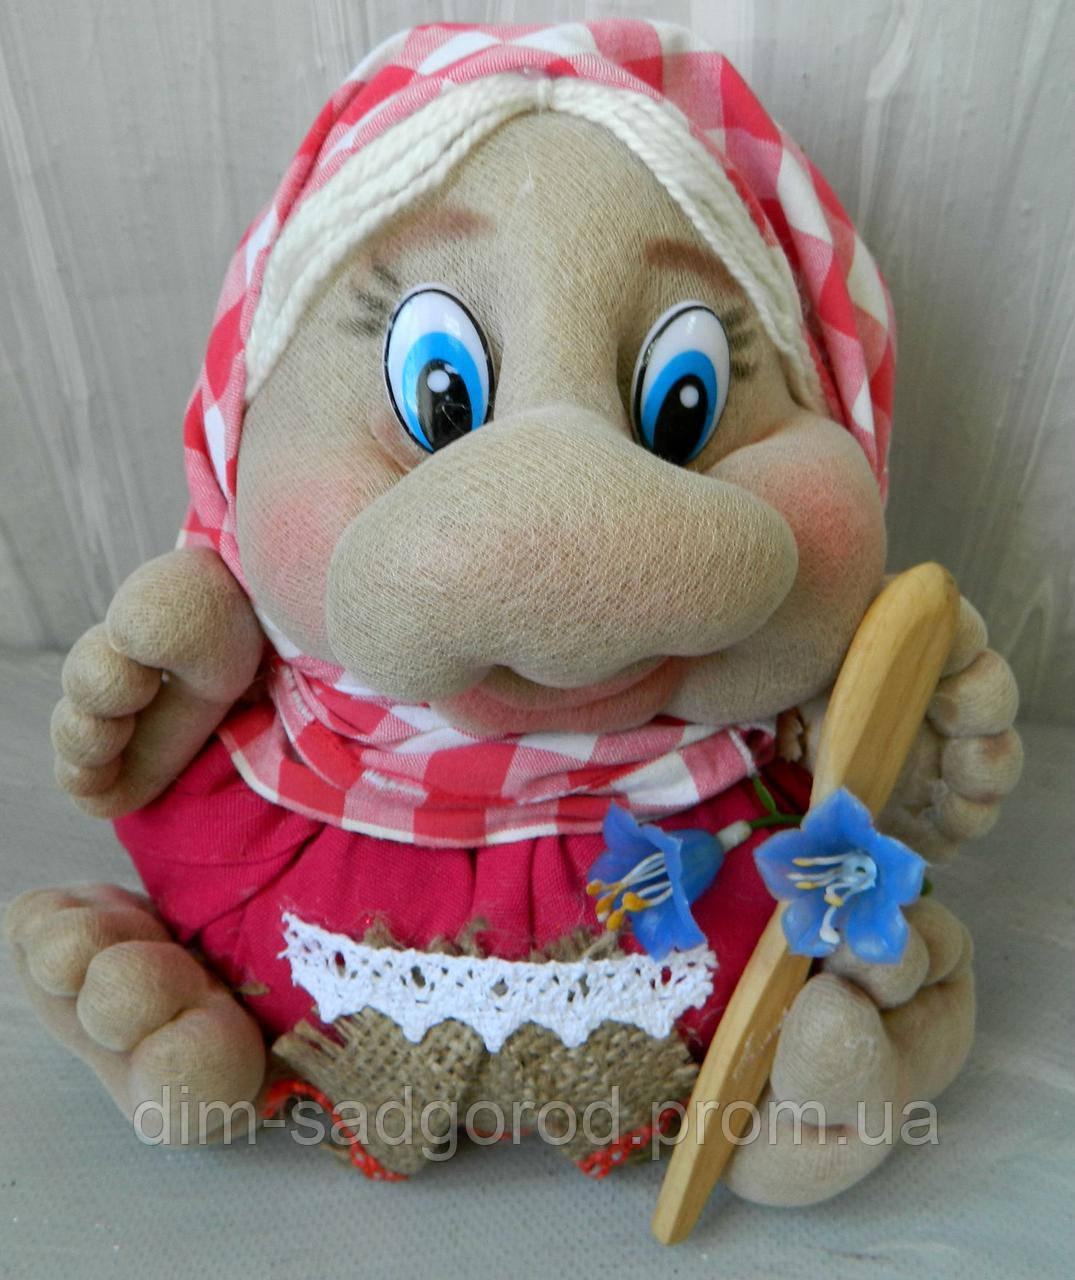 Бабуся з дерев'яною ложкою 17 см Бабуля с деревянной ложкой